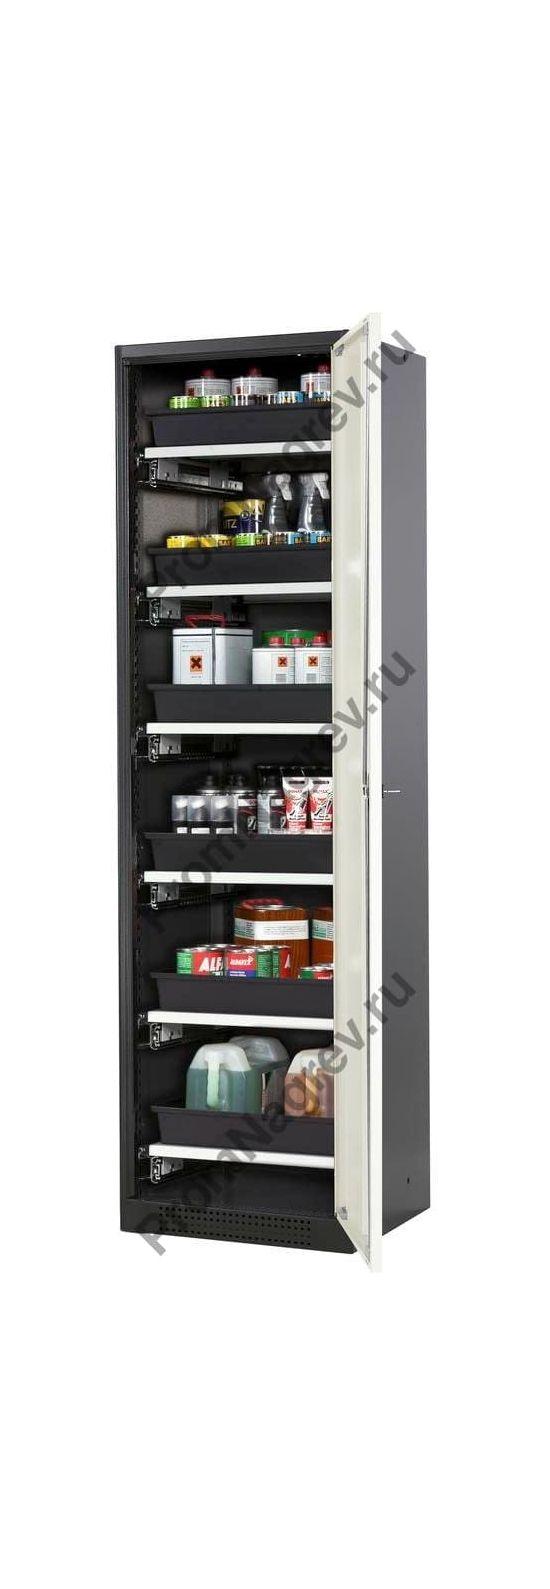 Химический шкаф Systema-T CS-56R с белыми дверями и шестью выдвижными ящиками-поддонами.